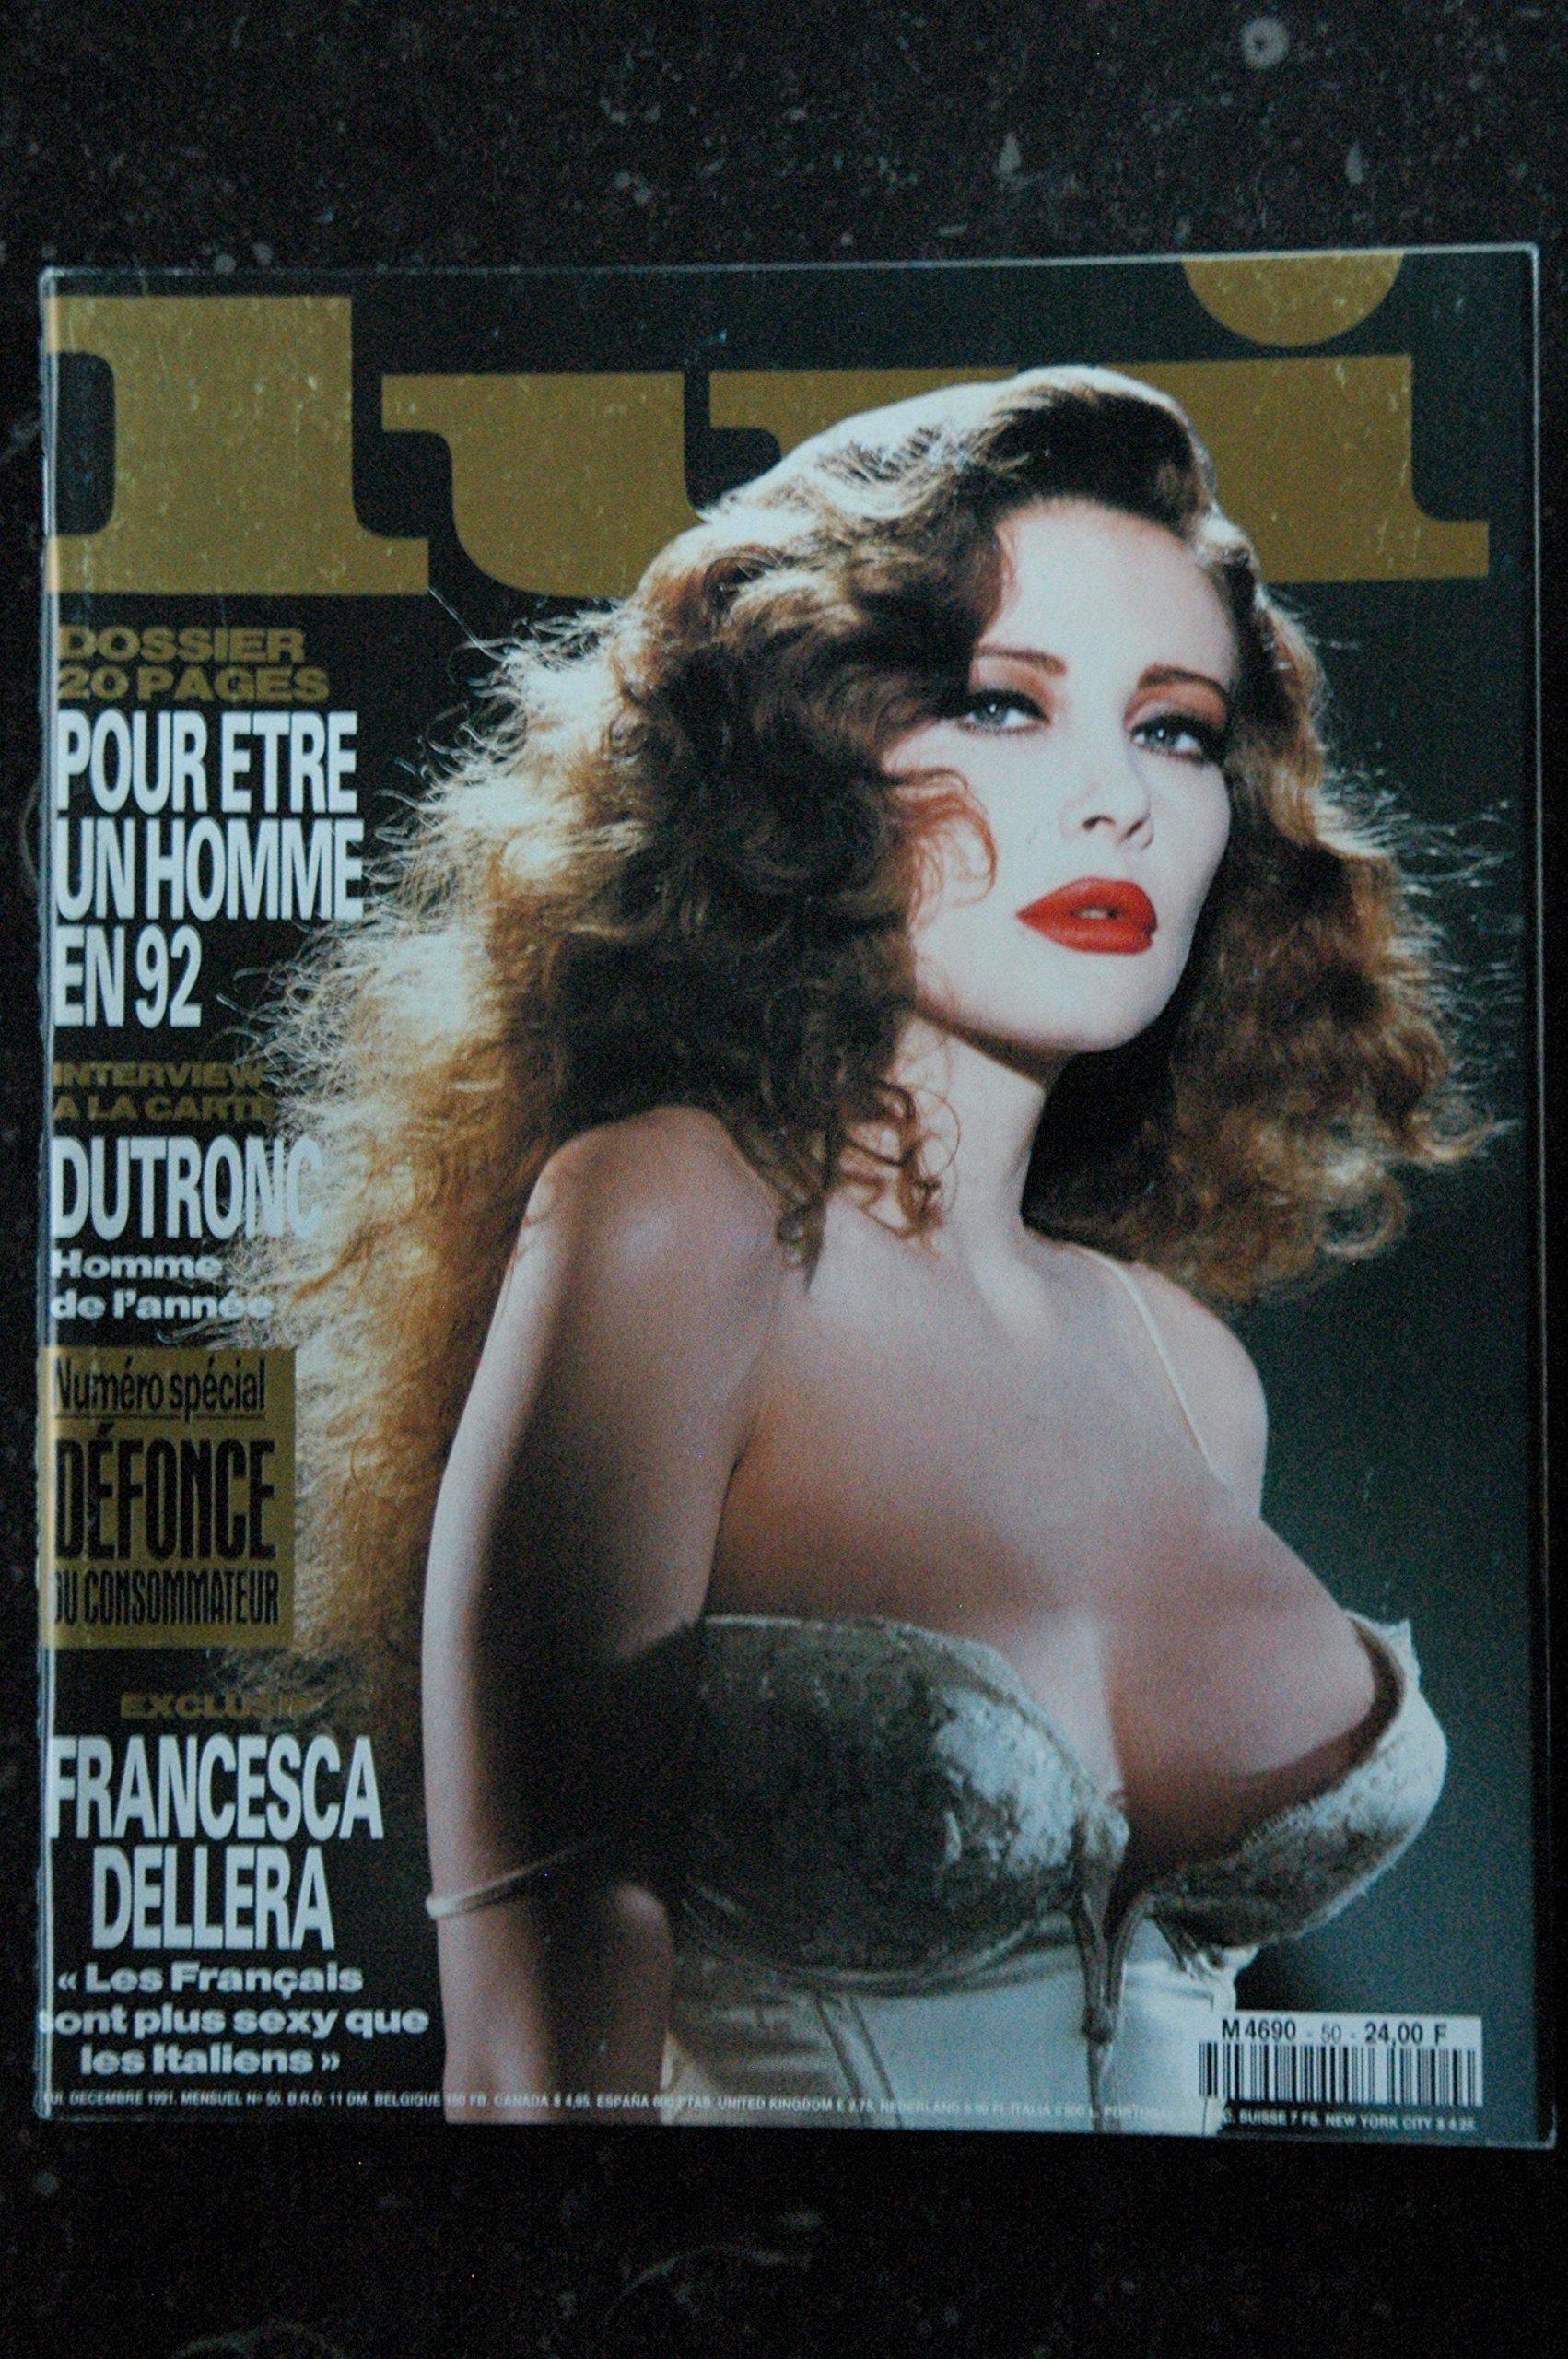 Francesca dellera nude adult gallery